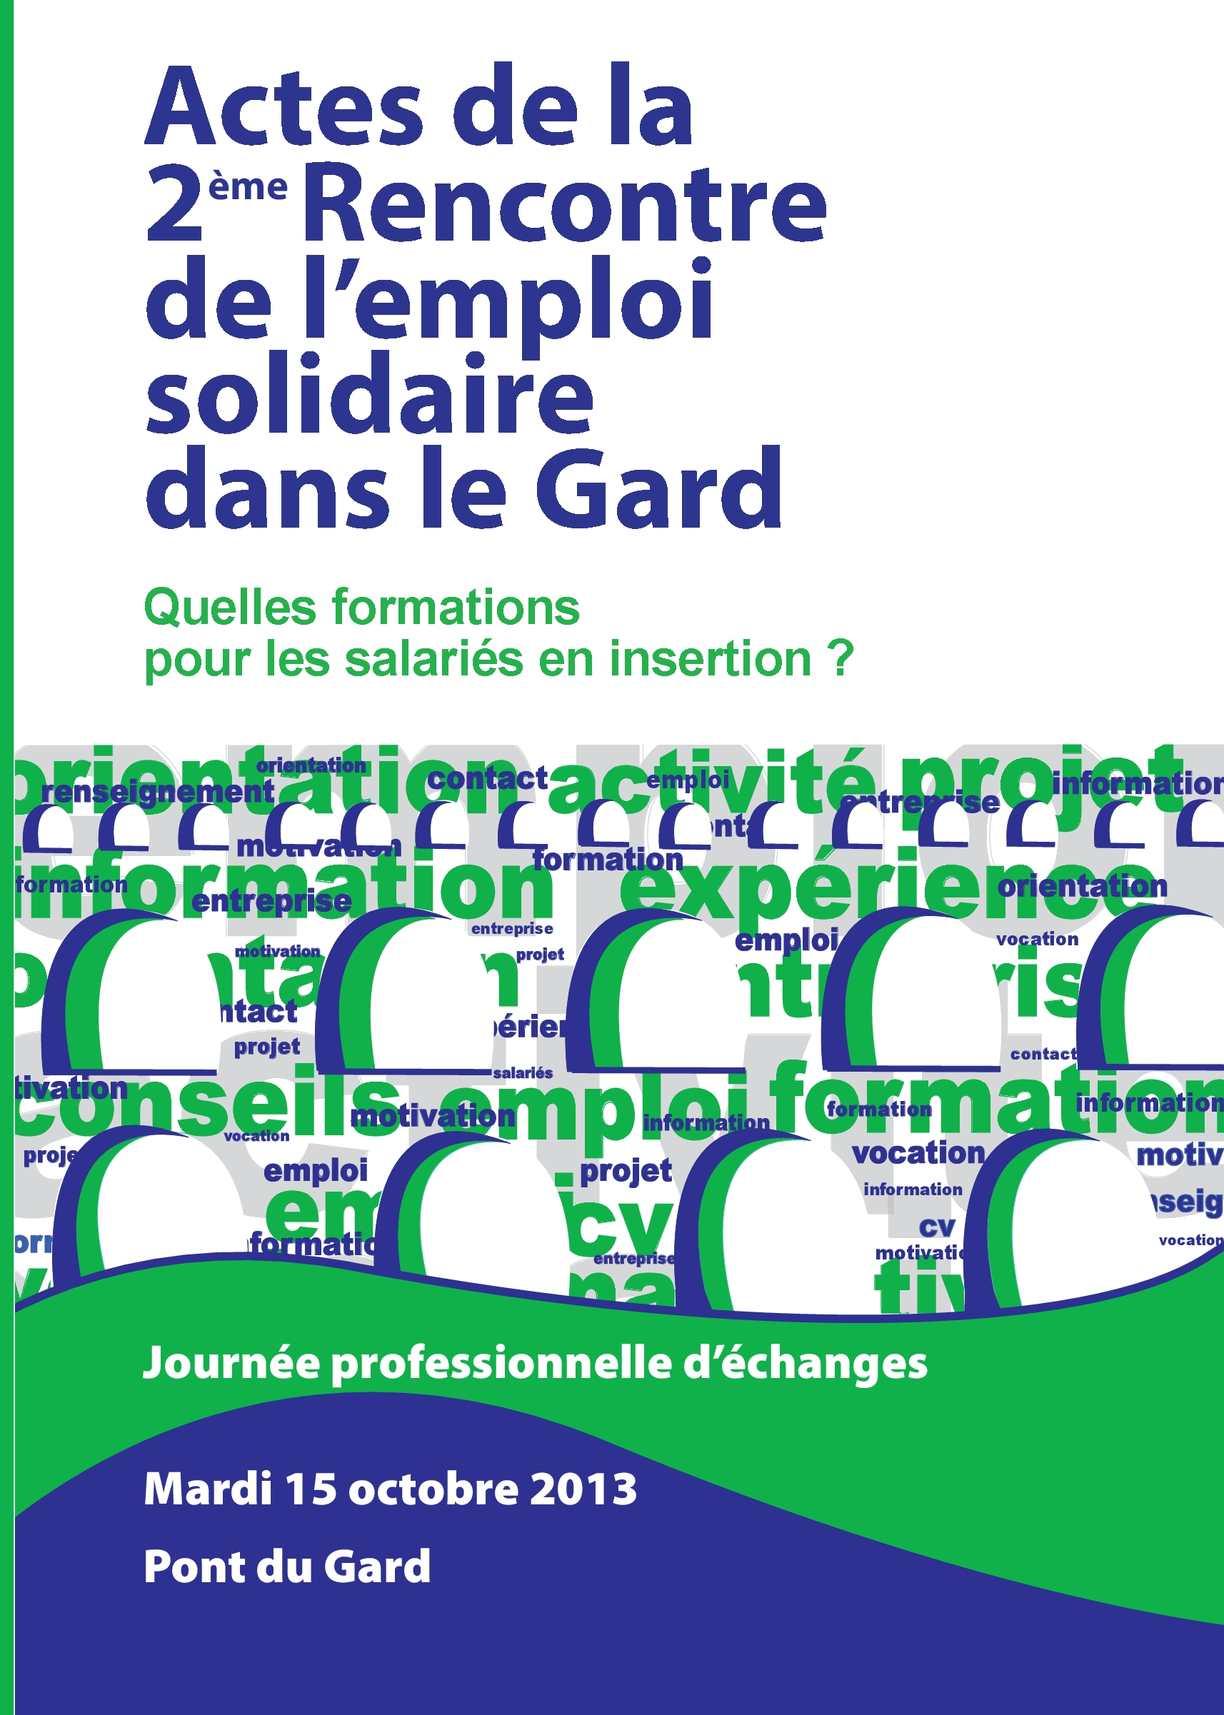 9a9457e101c73c Calaméo - Actes de la 2ème rencontre de l emploi solidaire dans le Gard